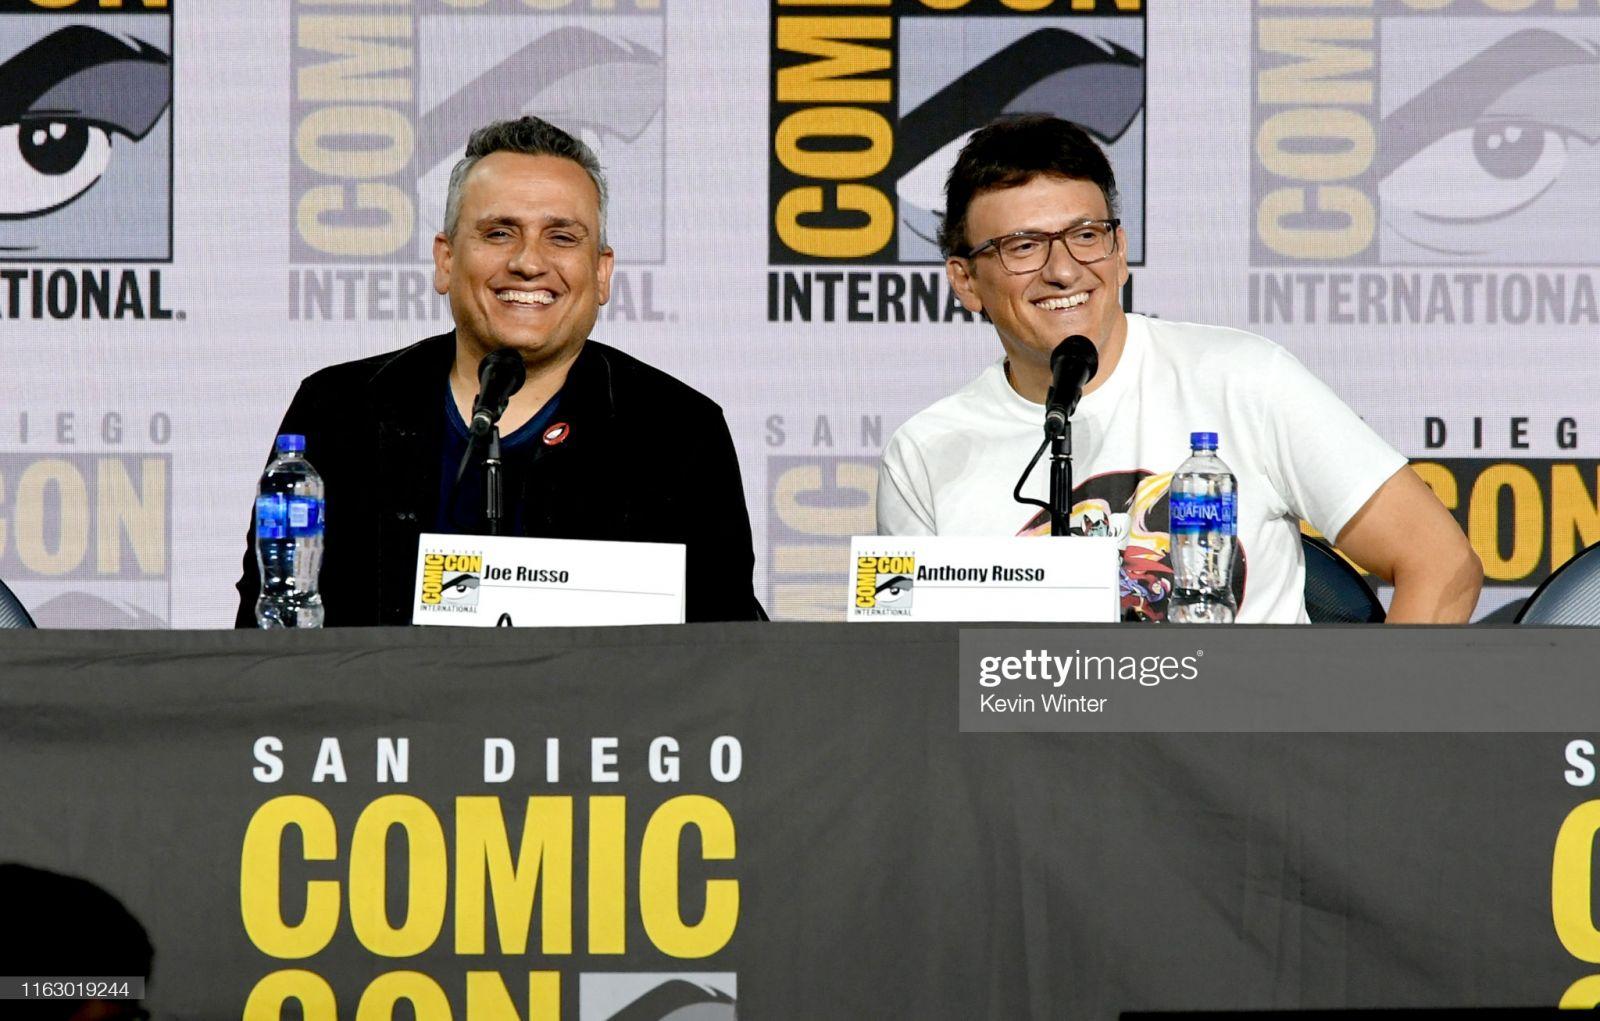 Reprodução: San Diego Comic-Con